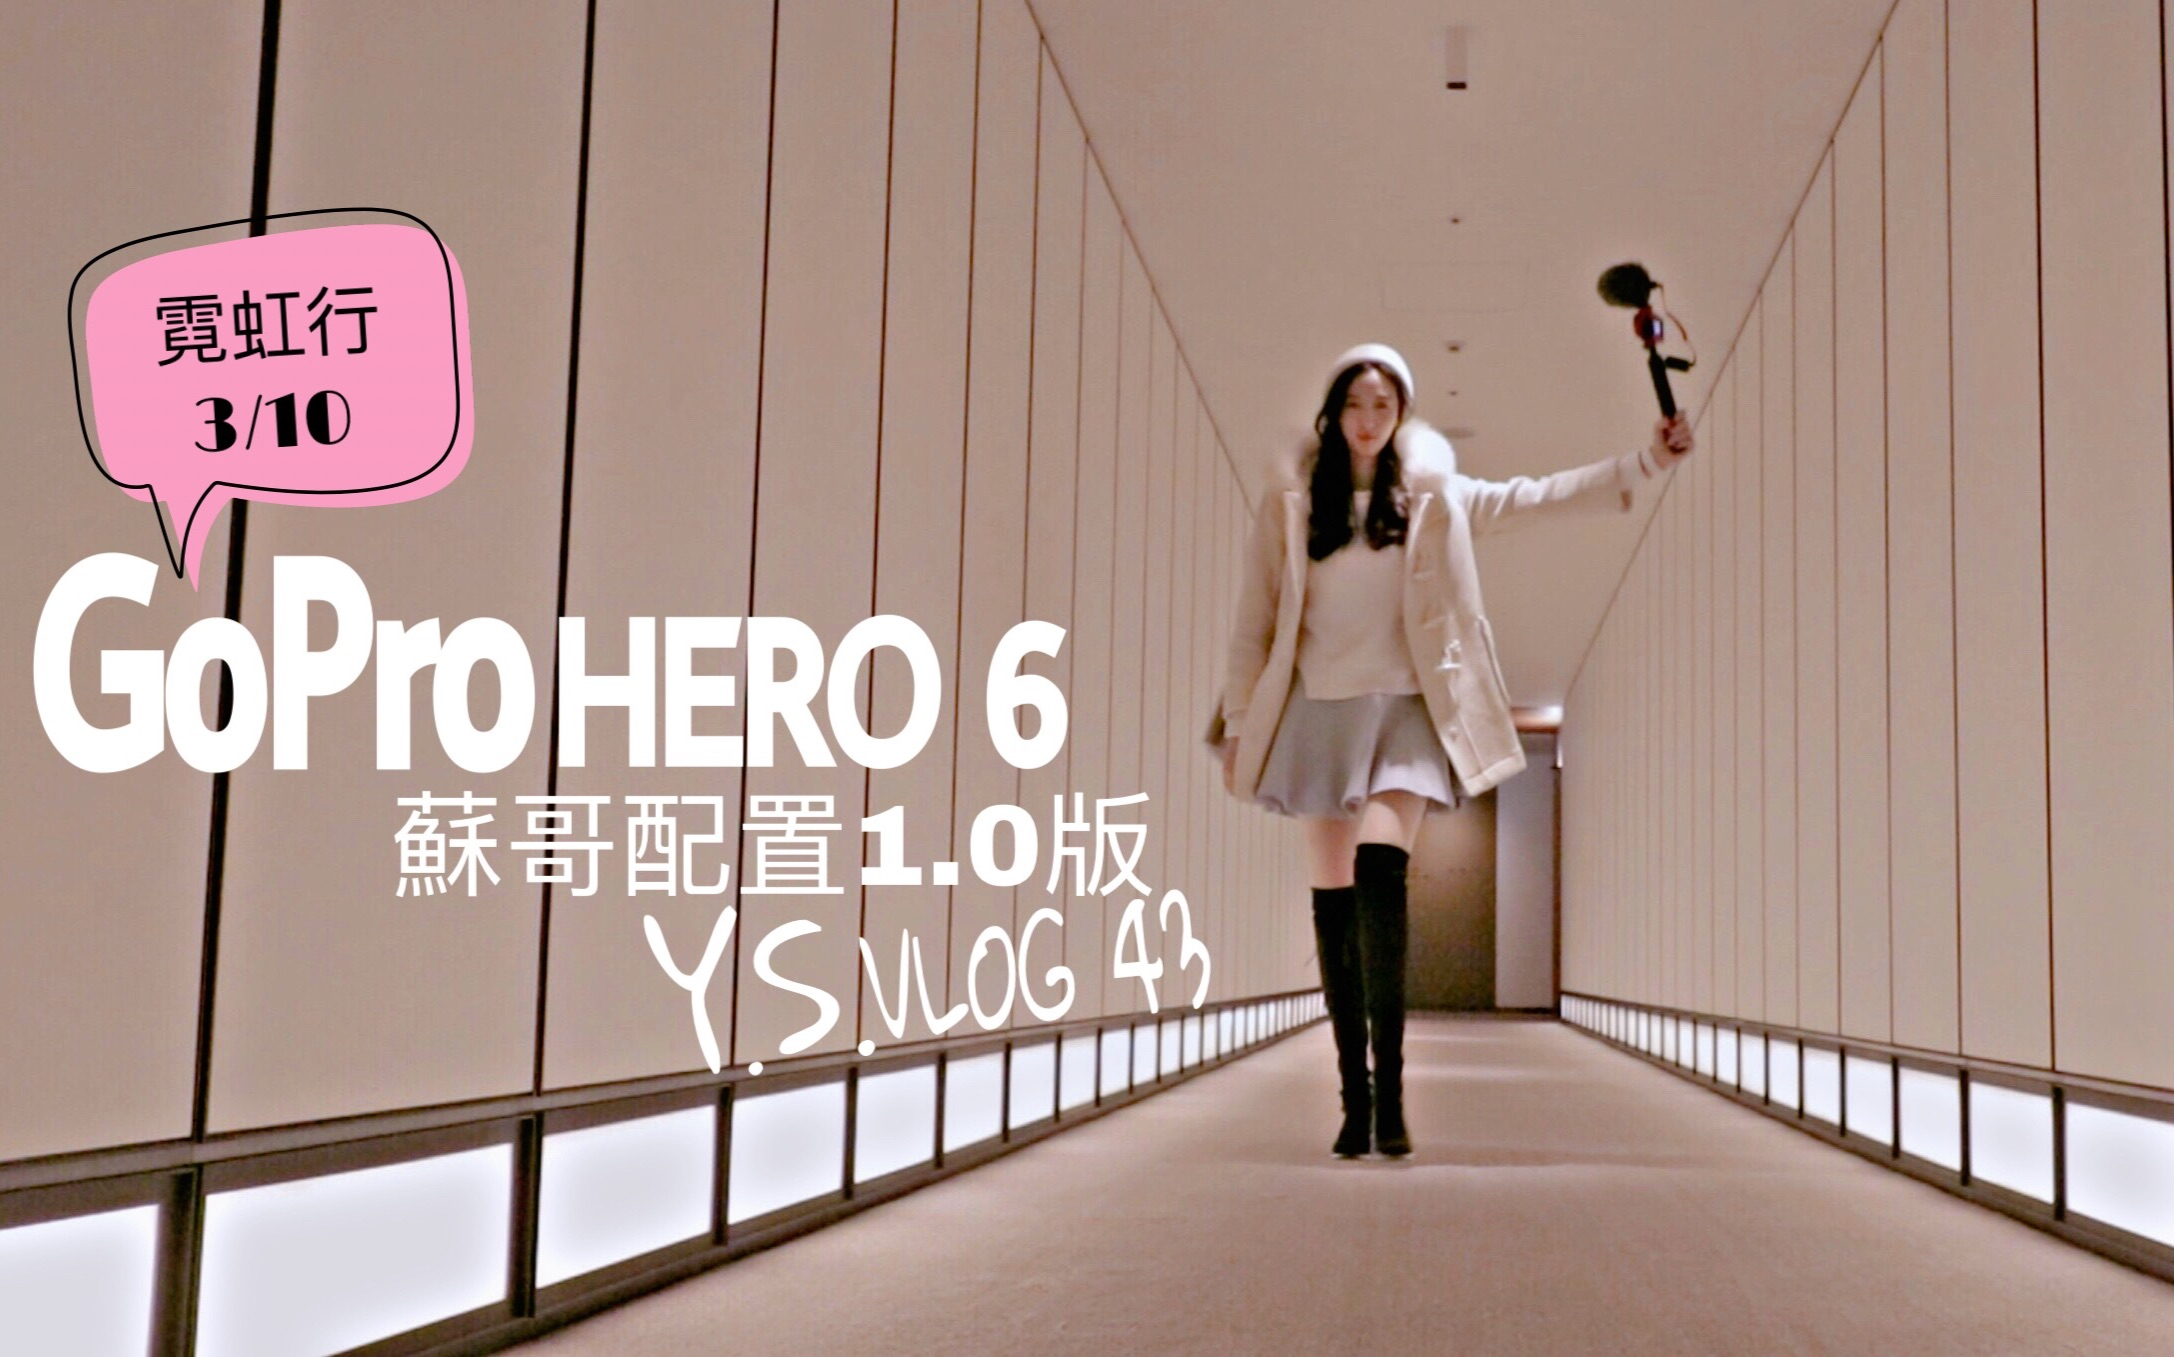 演员王怡苏VLOG43   GoPro HERO 6 之蘇哥VLOG配置1.0正式版   Gopro VS Canon【蘇哥福利霓虹行3/10】